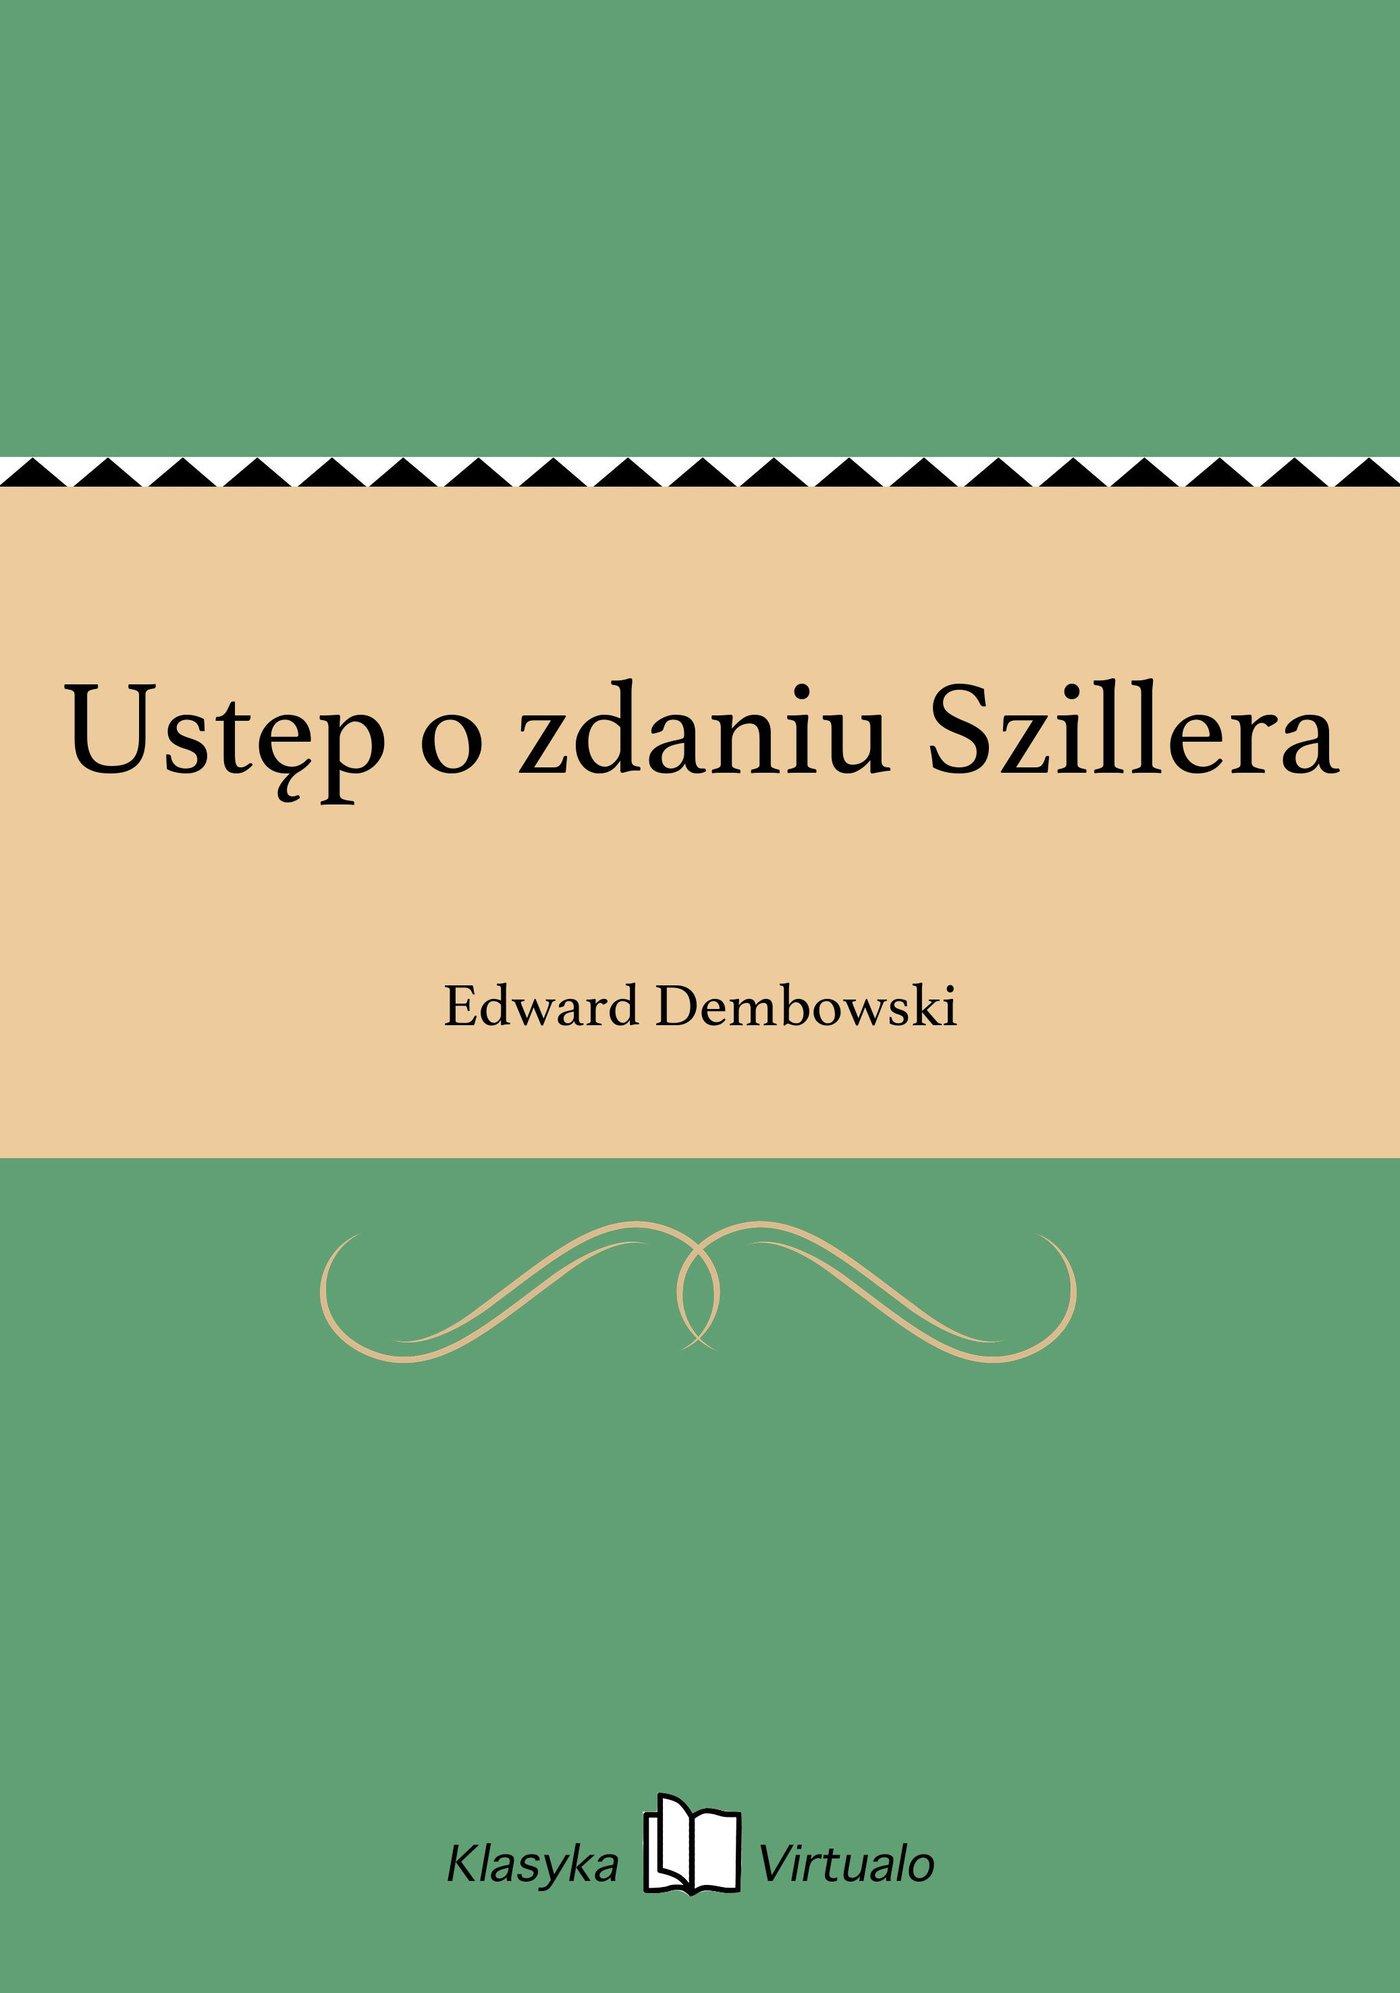 Ustęp o zdaniu Szillera - Ebook (Książka EPUB) do pobrania w formacie EPUB